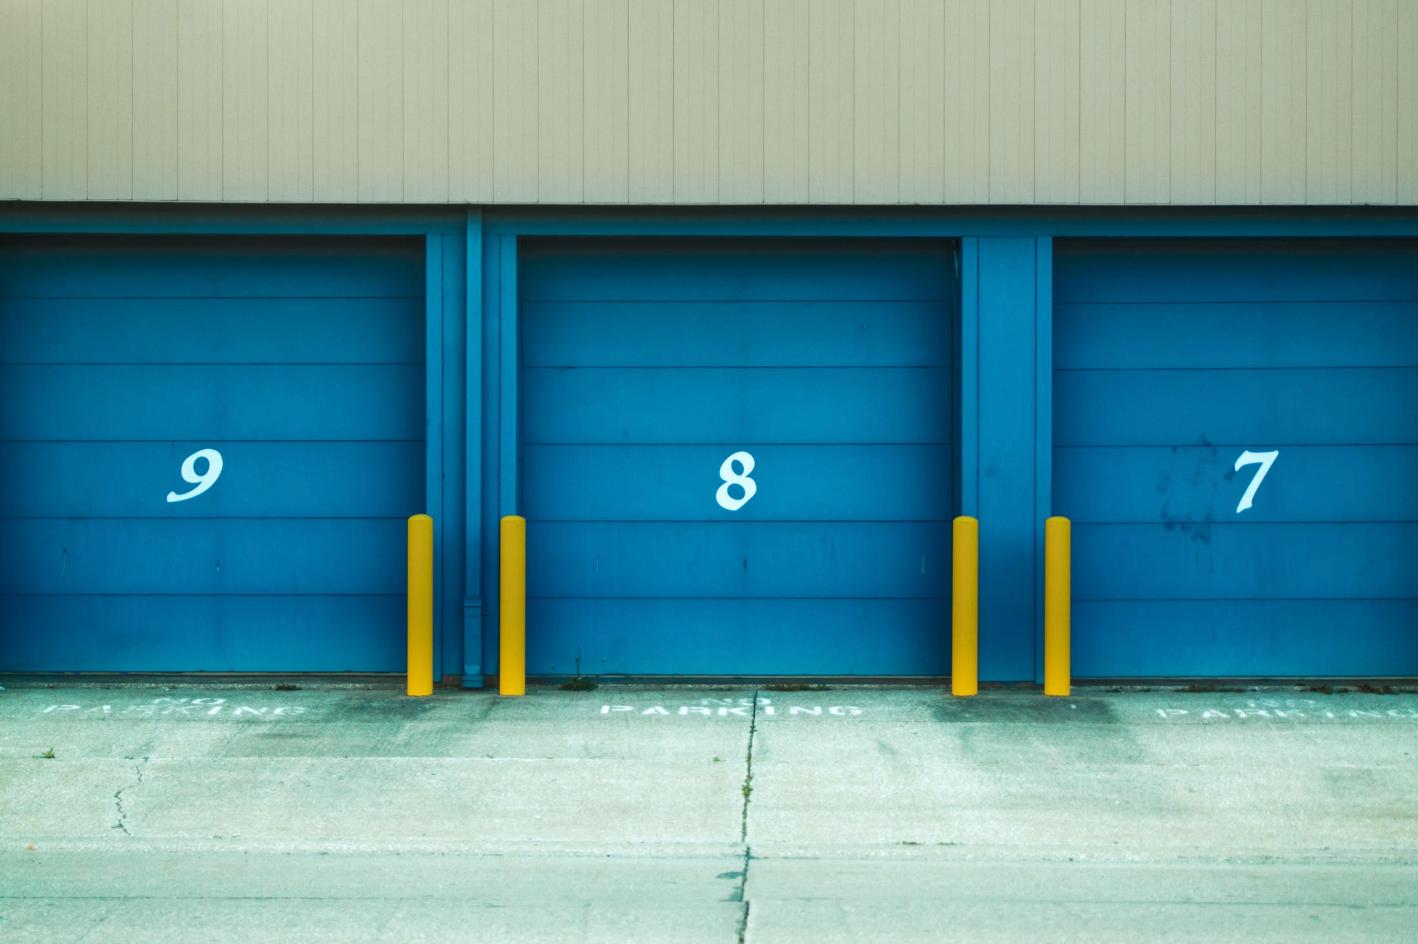 Commercial Garage Door Considerations In 2020 Blue Shutters Garage Doors Self Storage